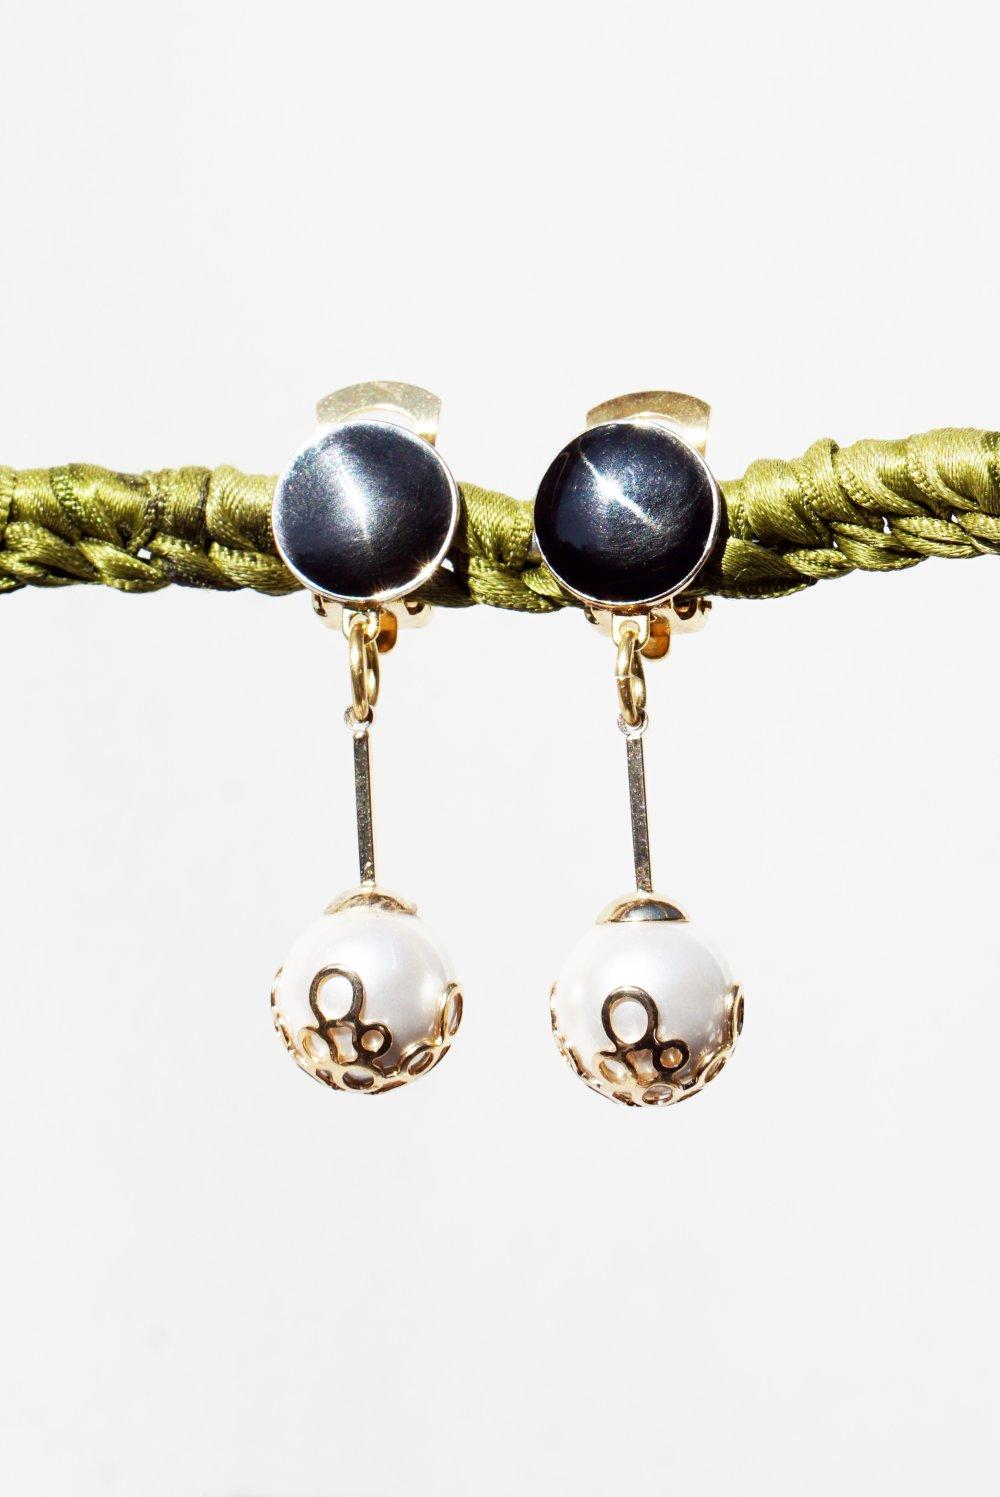 CLIPS Boucles d'oreilles Clips Noir Doré & Argenté Perle de Nacre Bijoux Créateur création Française Fait main